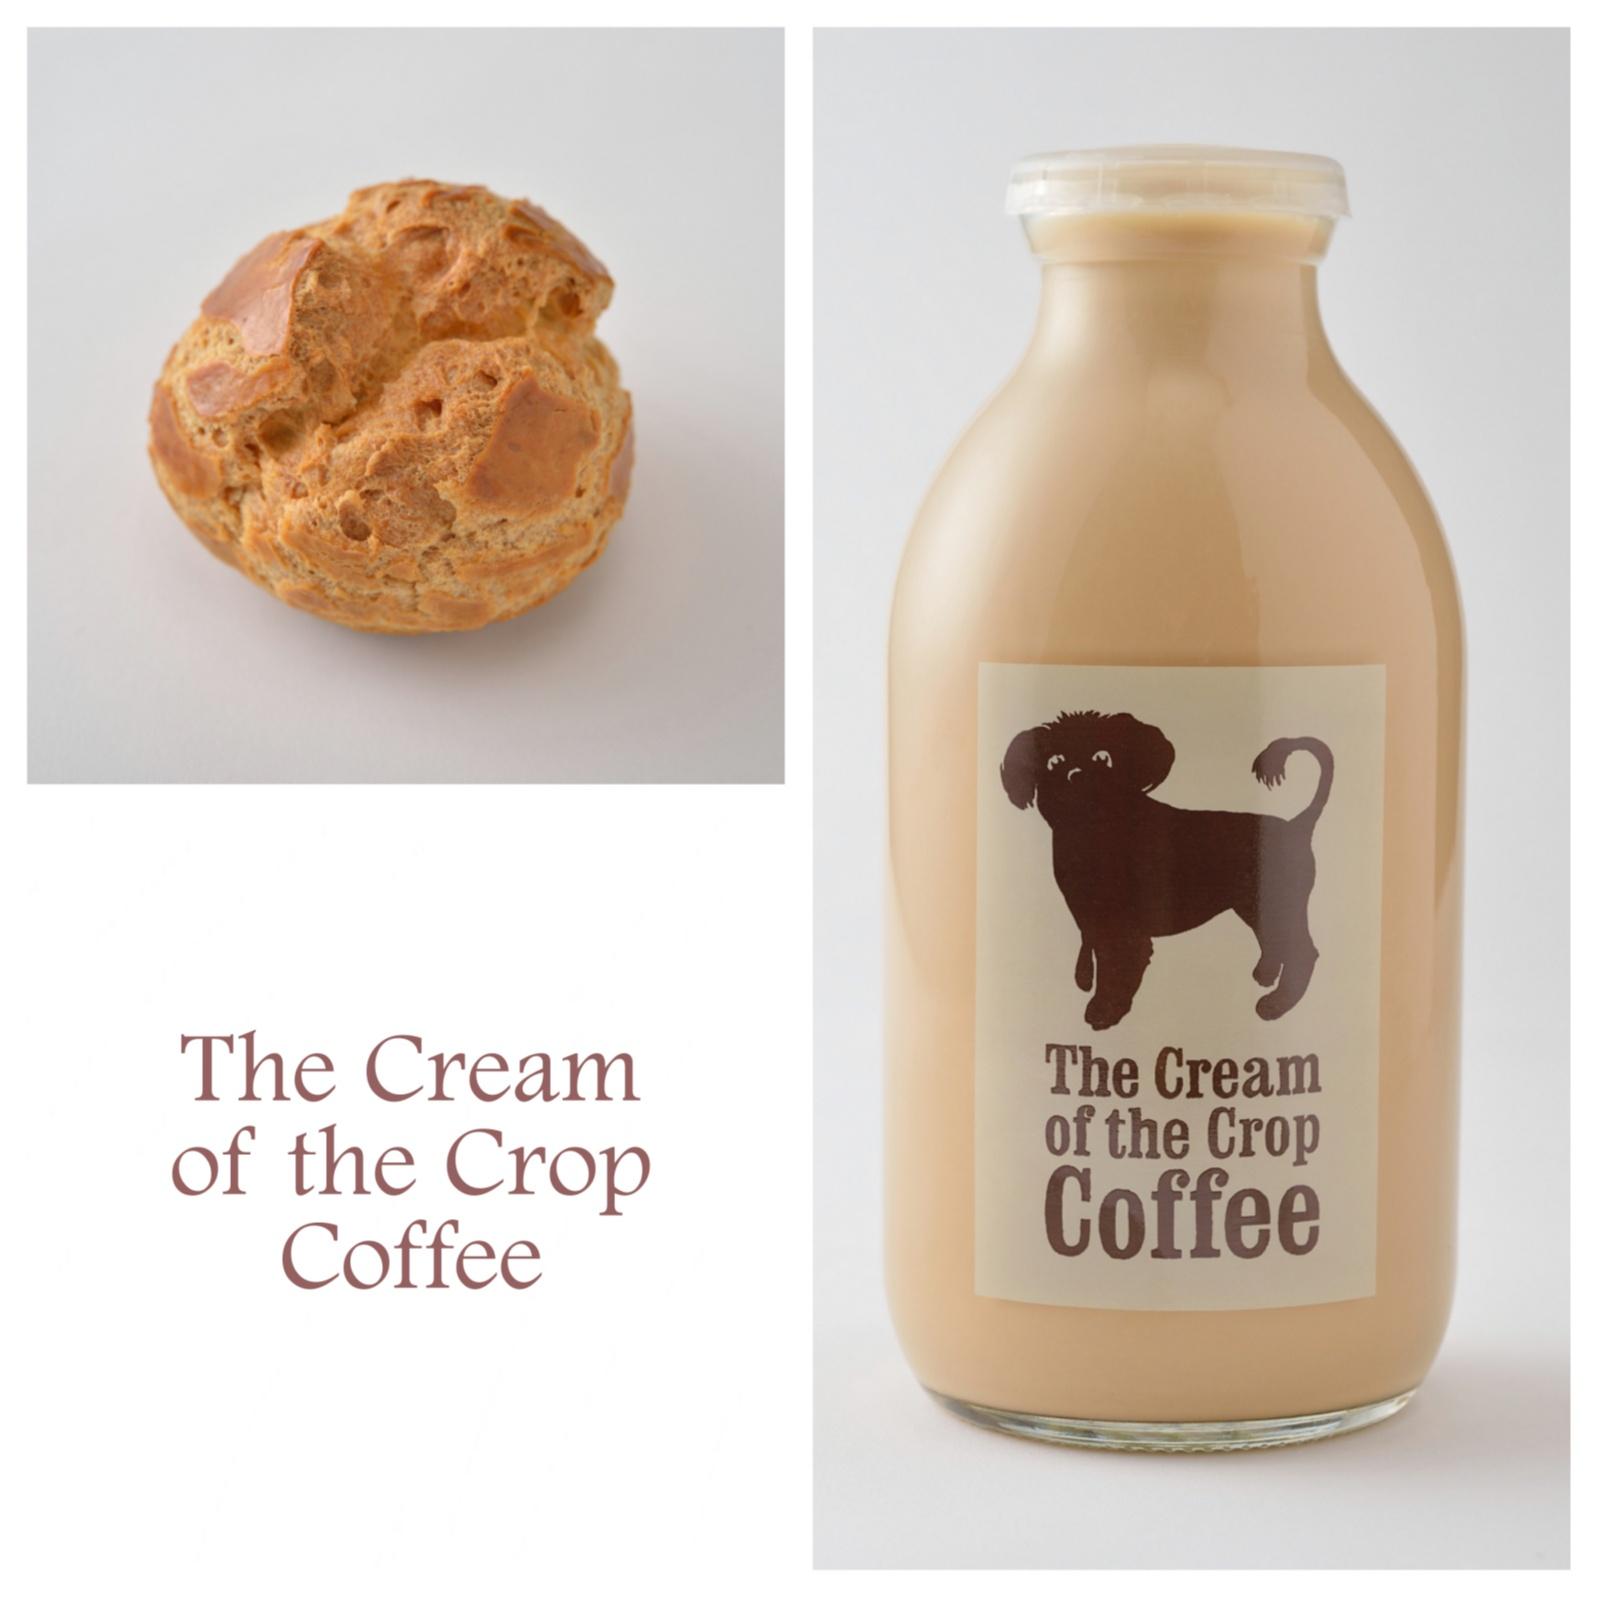 お仕事女子をコーヒーで応援♡ 銀座三越に期間限定で『ザ クリーム オブ ザ クロップ コーヒー』が登場!_2